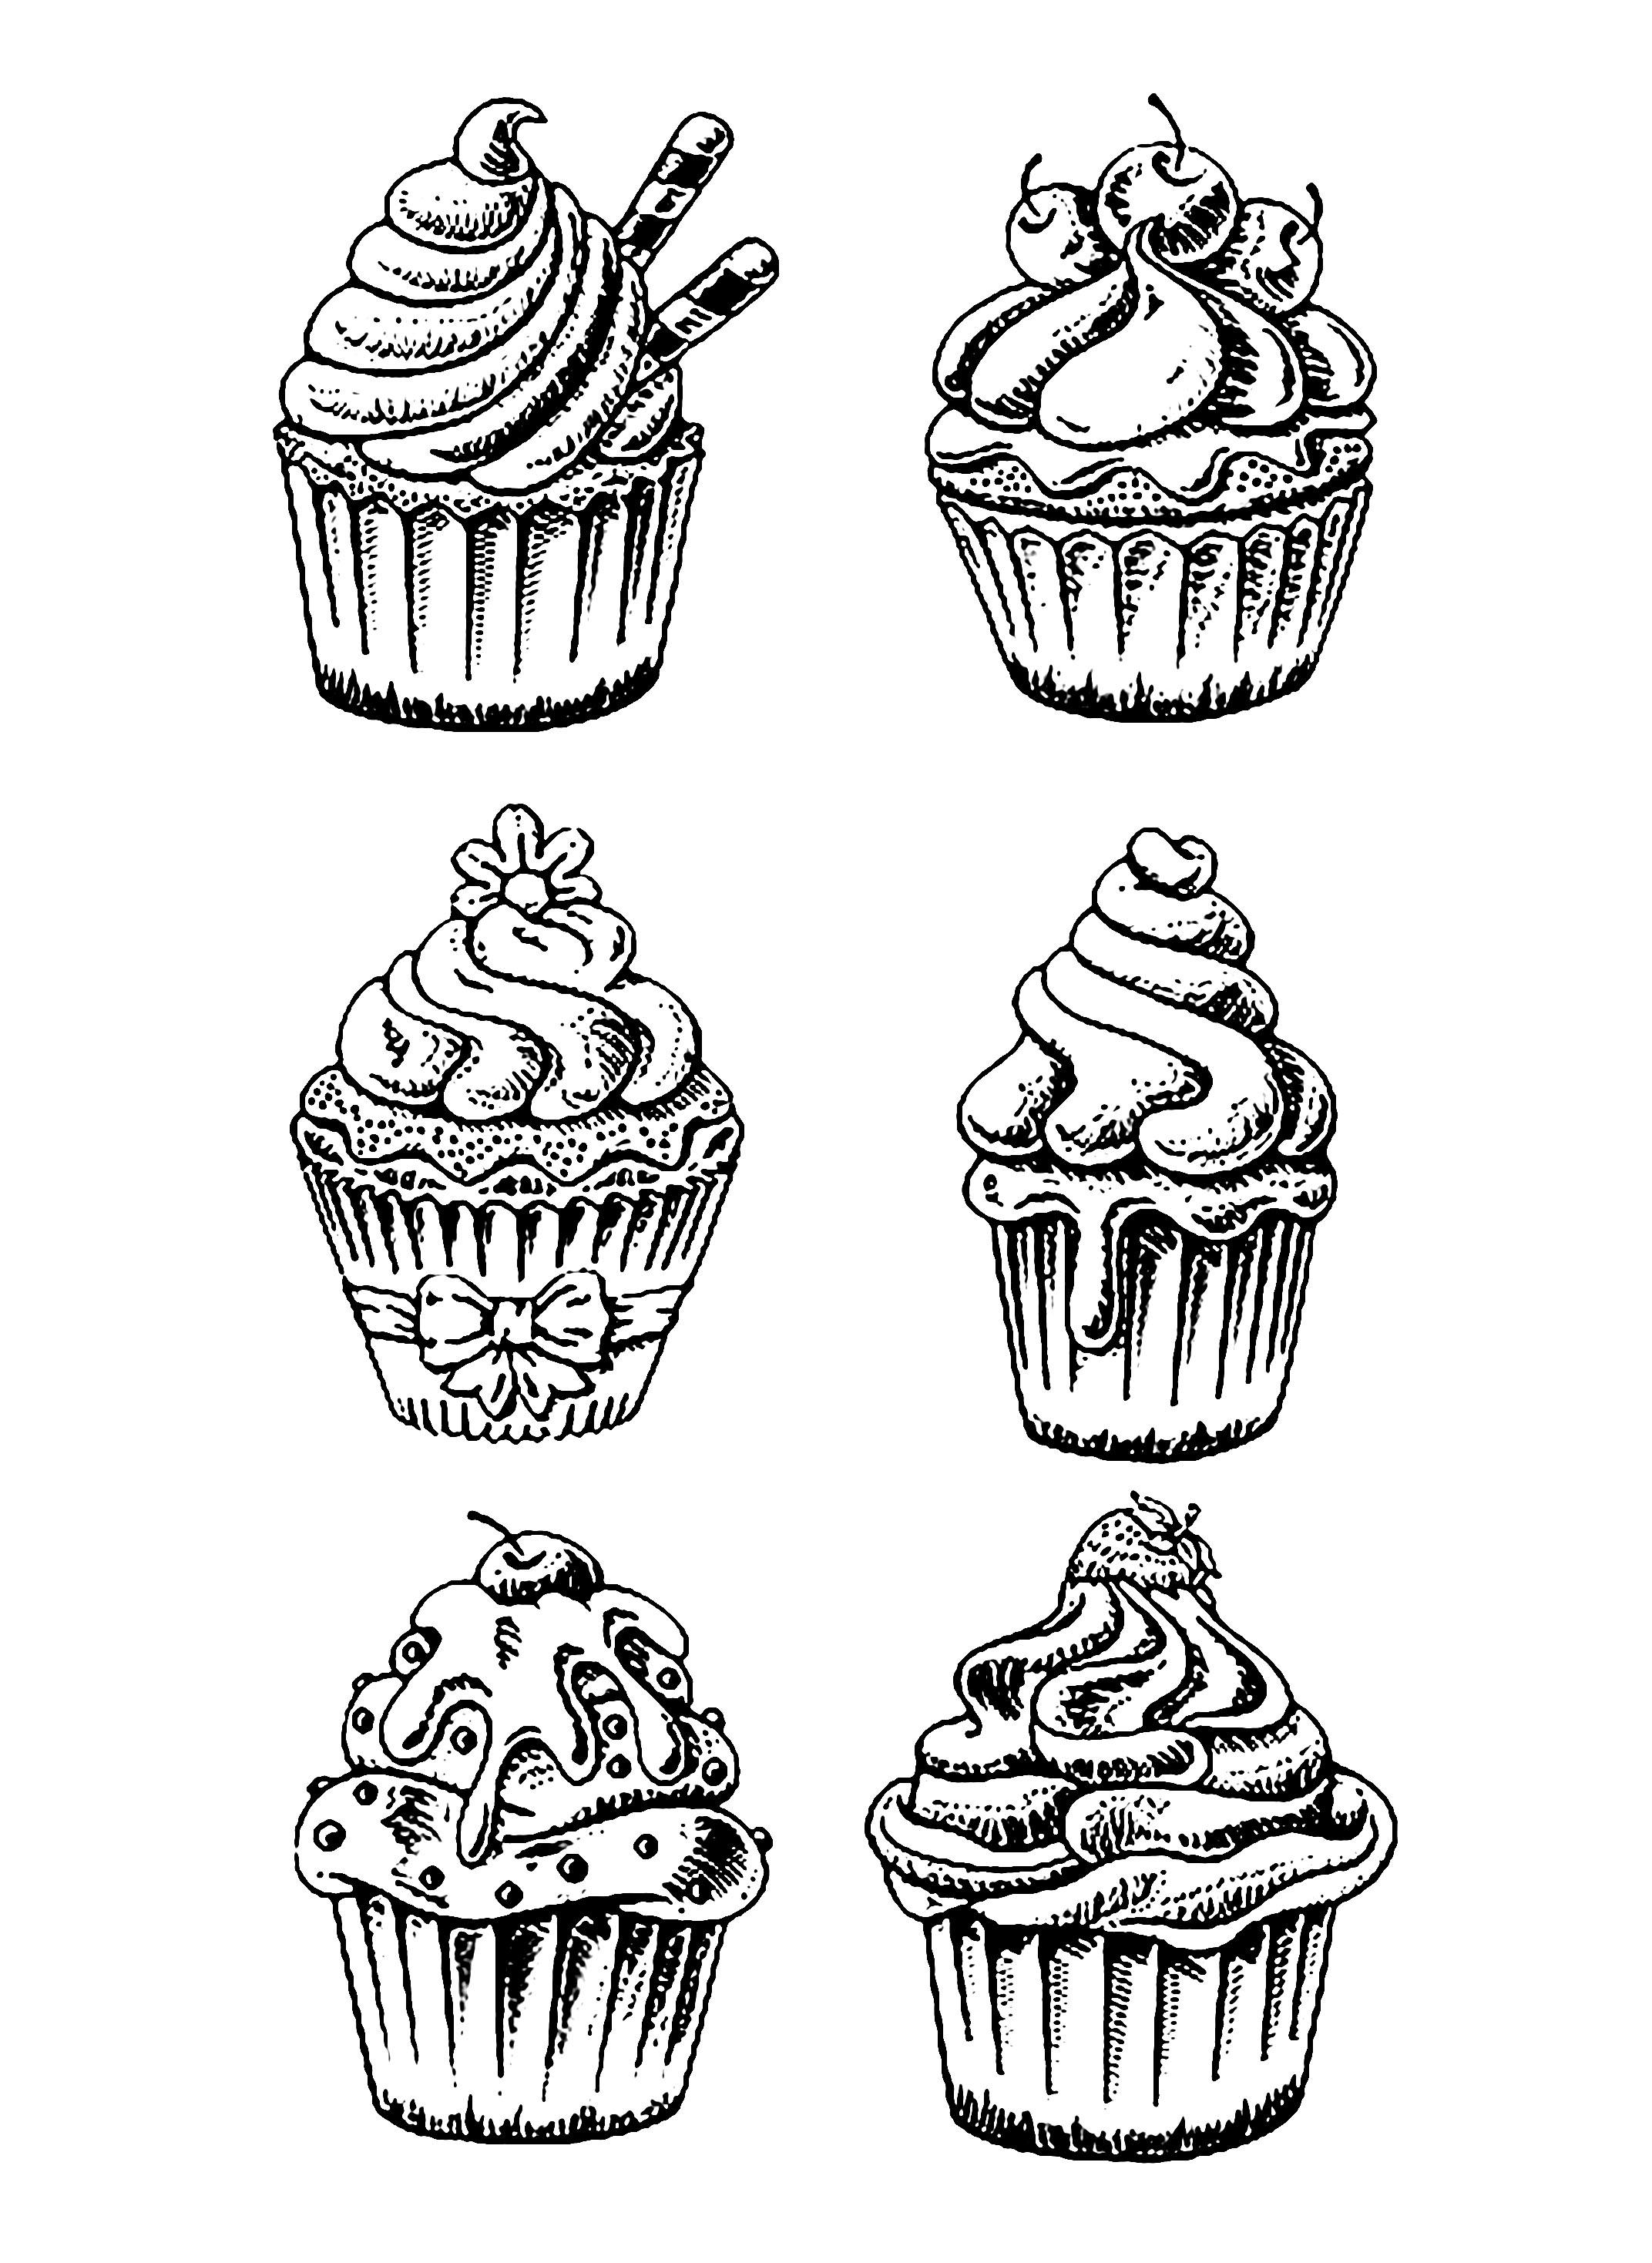 Cup Cakes 9623 Cup Cakes Disegni Da Colorare Per Adulti